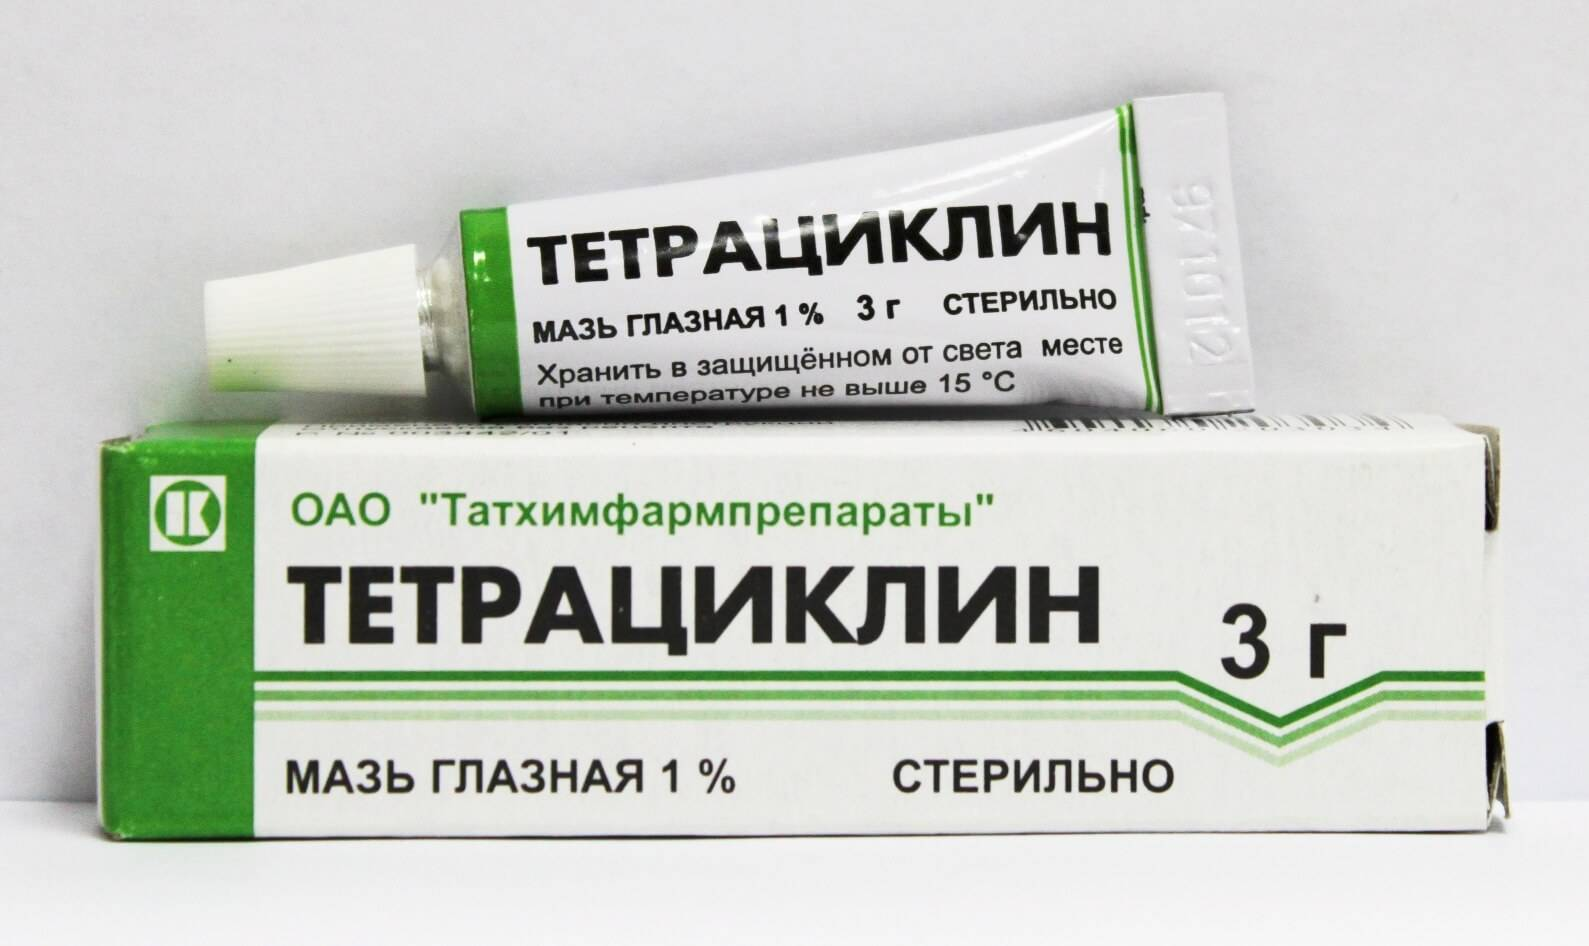 мазь тетрациклиновая глазная инструкция